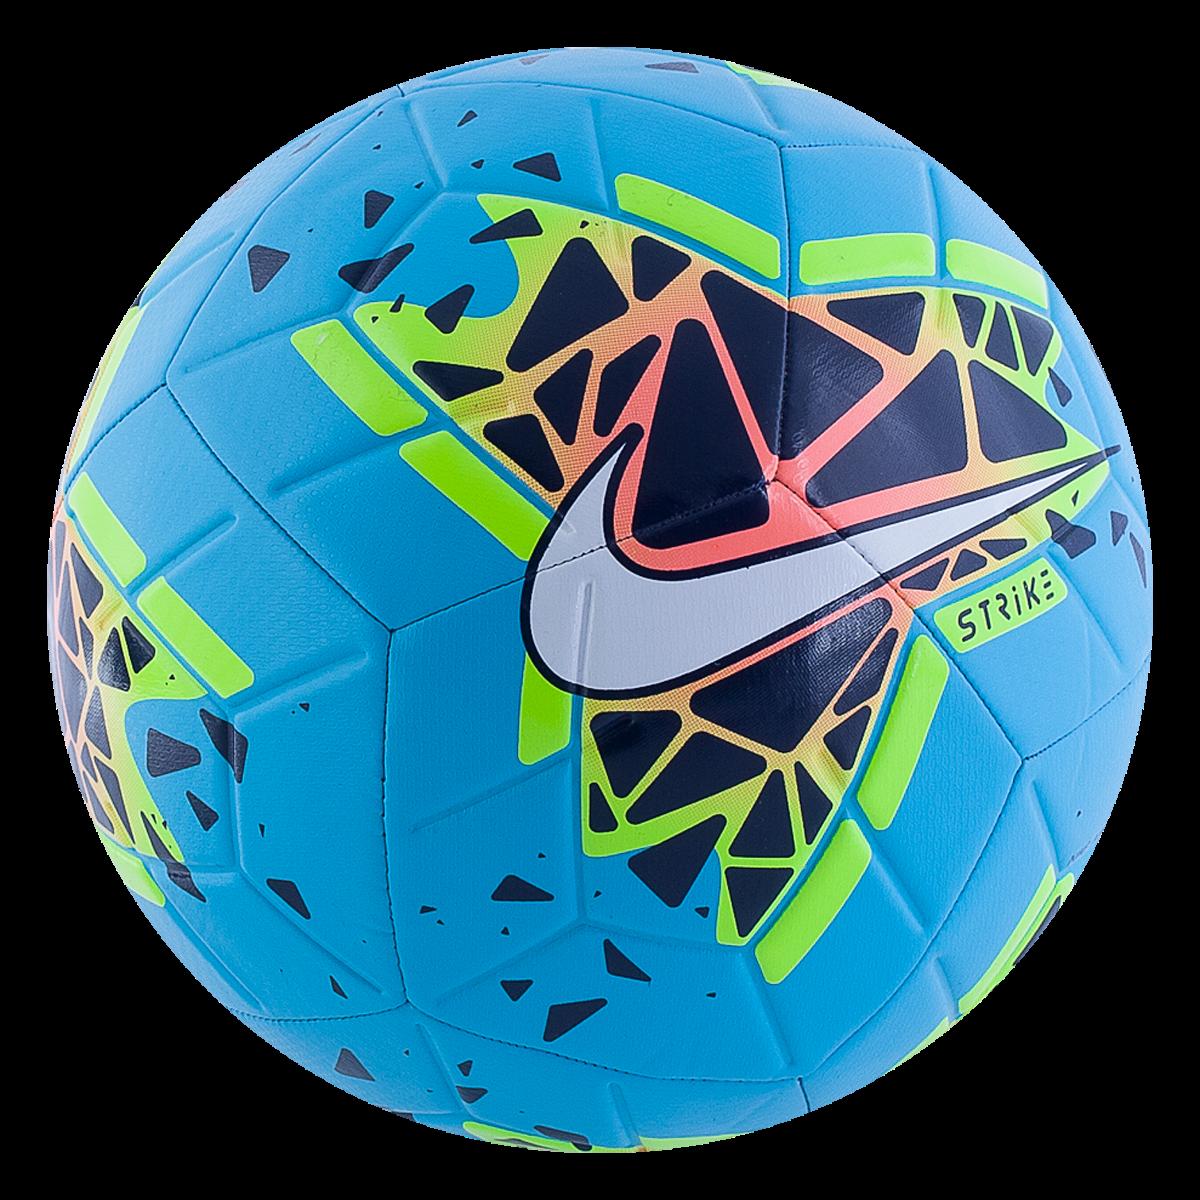 Nike Strike Soccer Ball 19 20 Blue Green 5 Soccer Ball Nike Soccer Ball Soccer